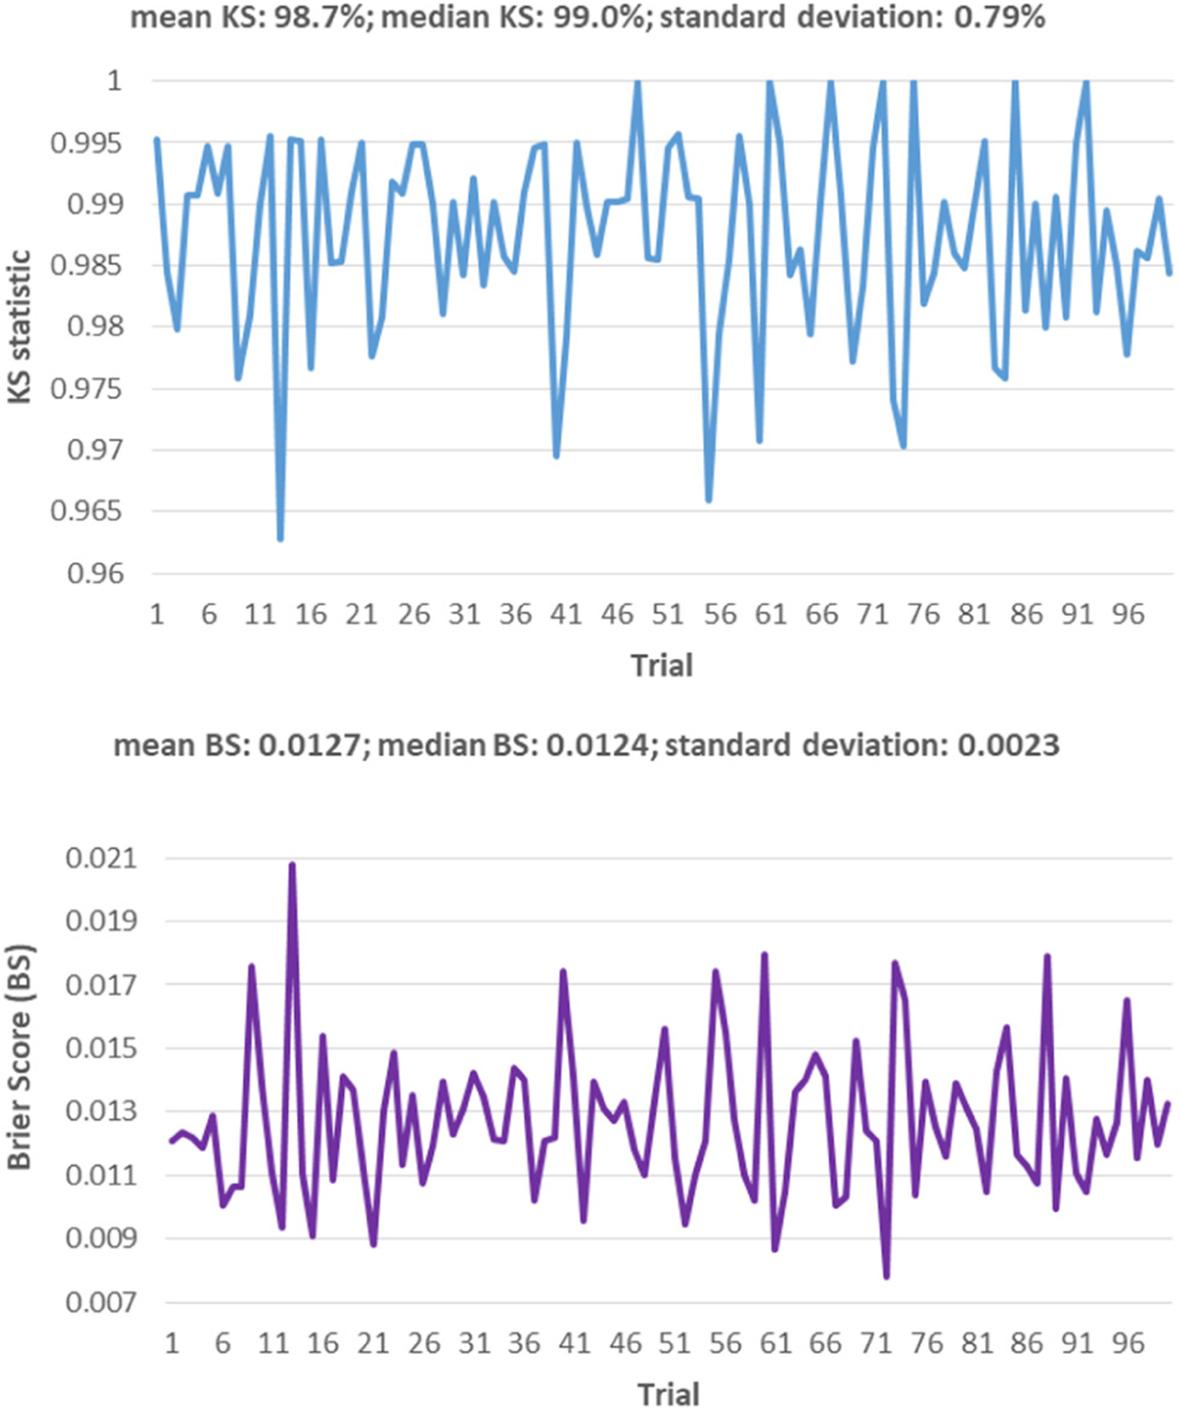 Ridge regression estimated linear probability model